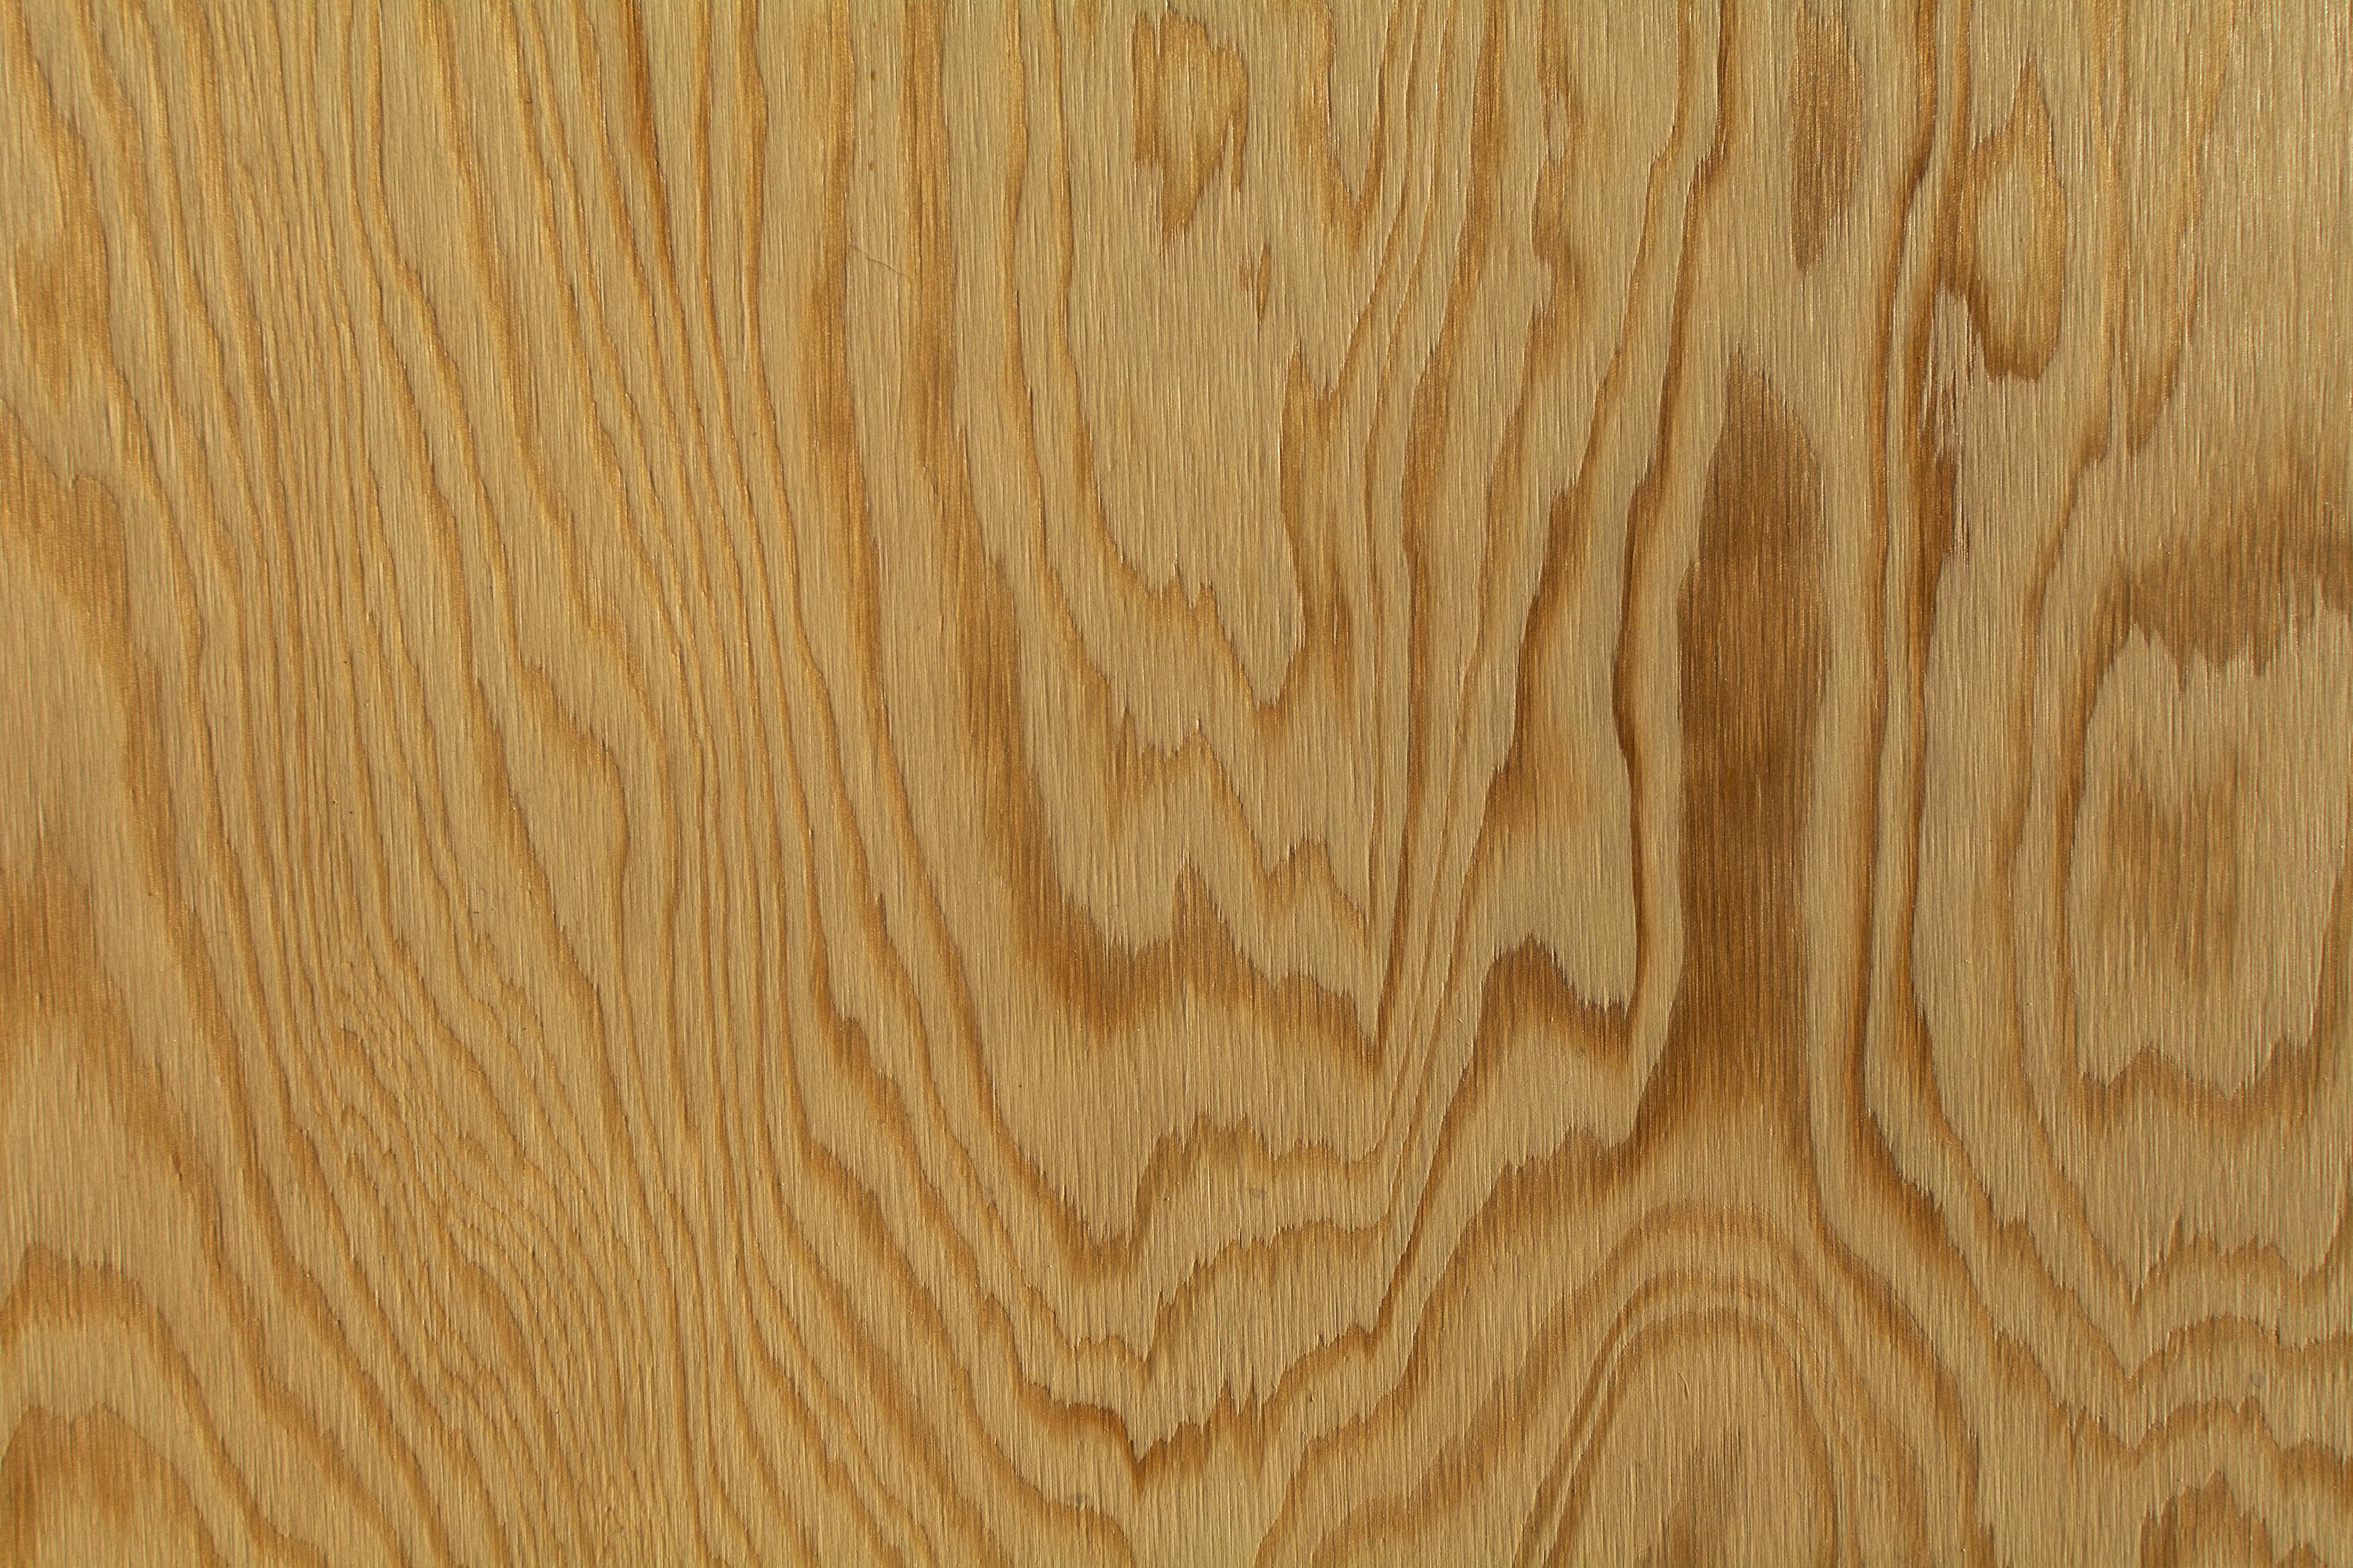 Free Image Wood Background Pattern Libreshot Public